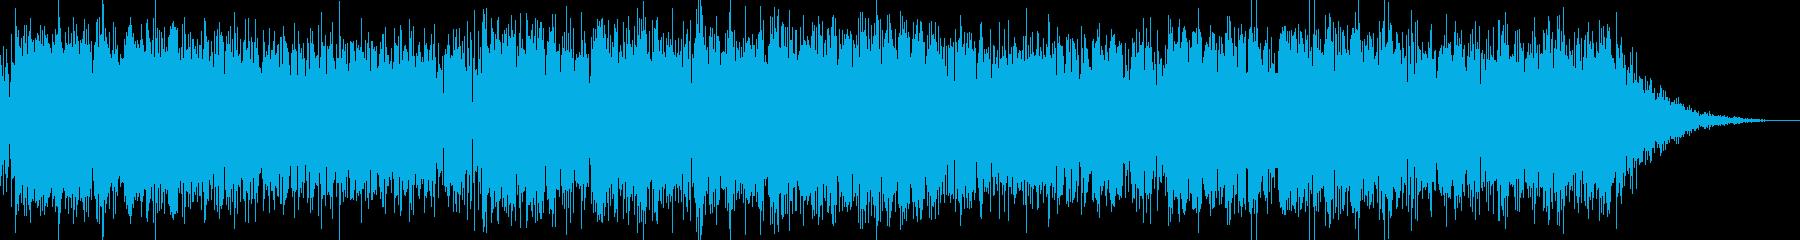 さわやかなポップ系インストルメンタルの再生済みの波形